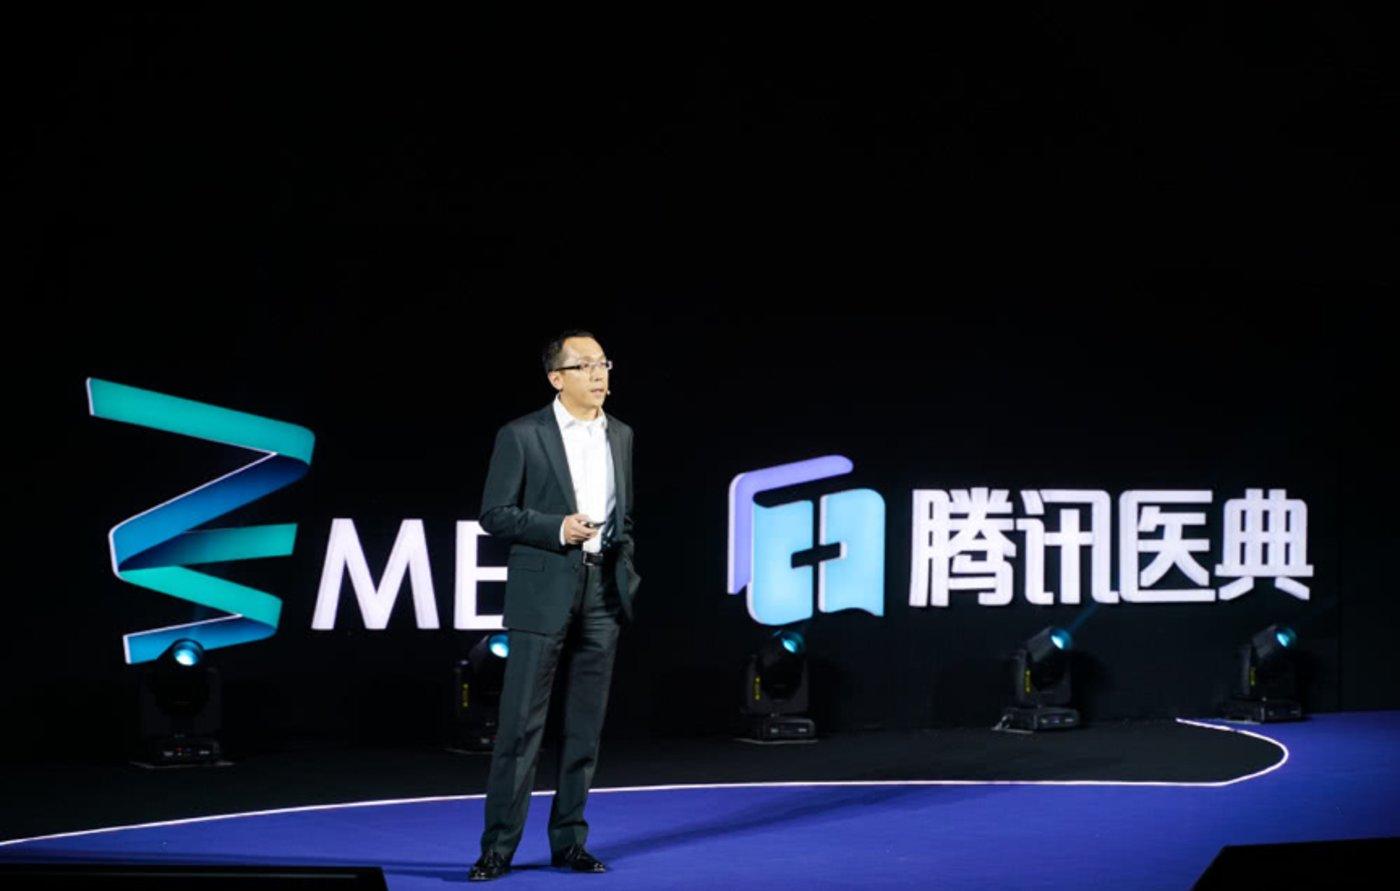 图:腾讯医疗副总裁张猛在ME大会上做主题演讲